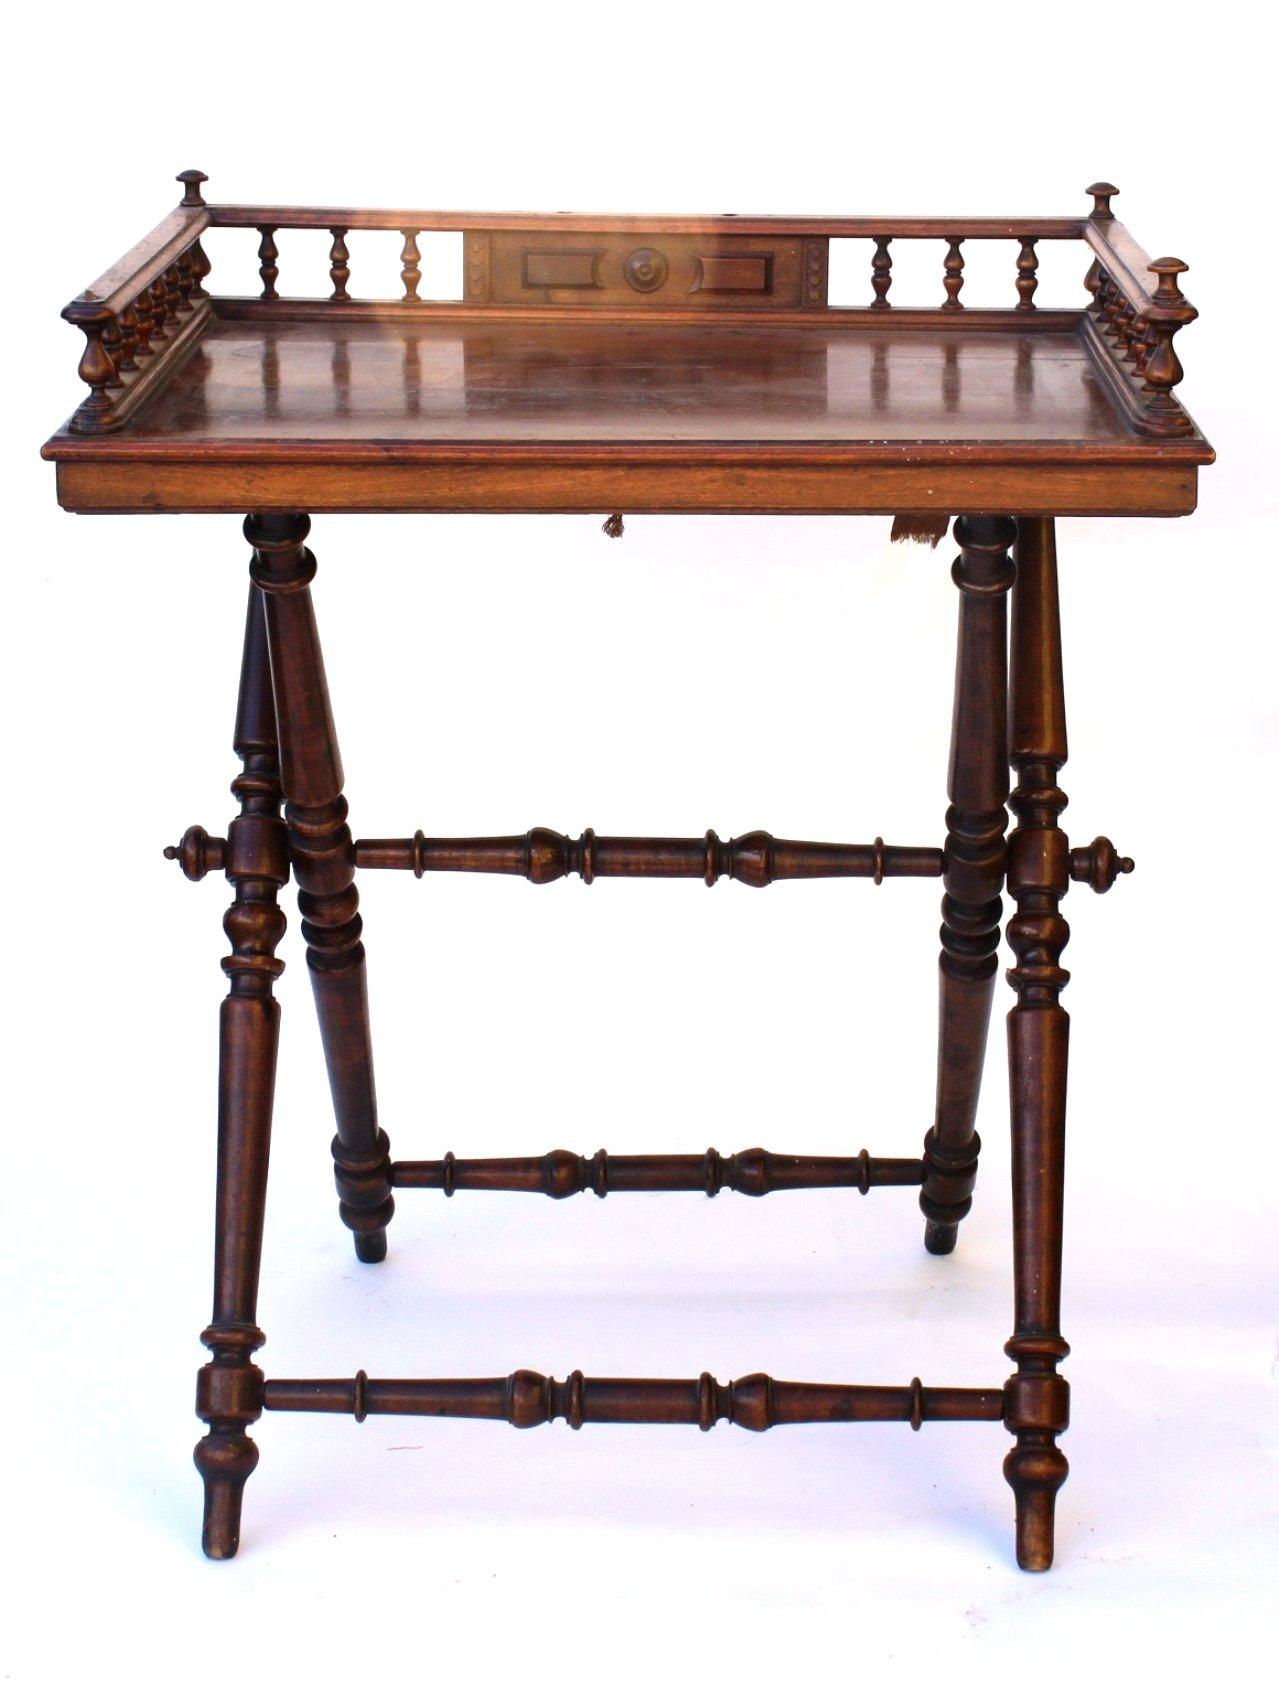 Gründerzeit Tisch-Tablett, um 1880-1